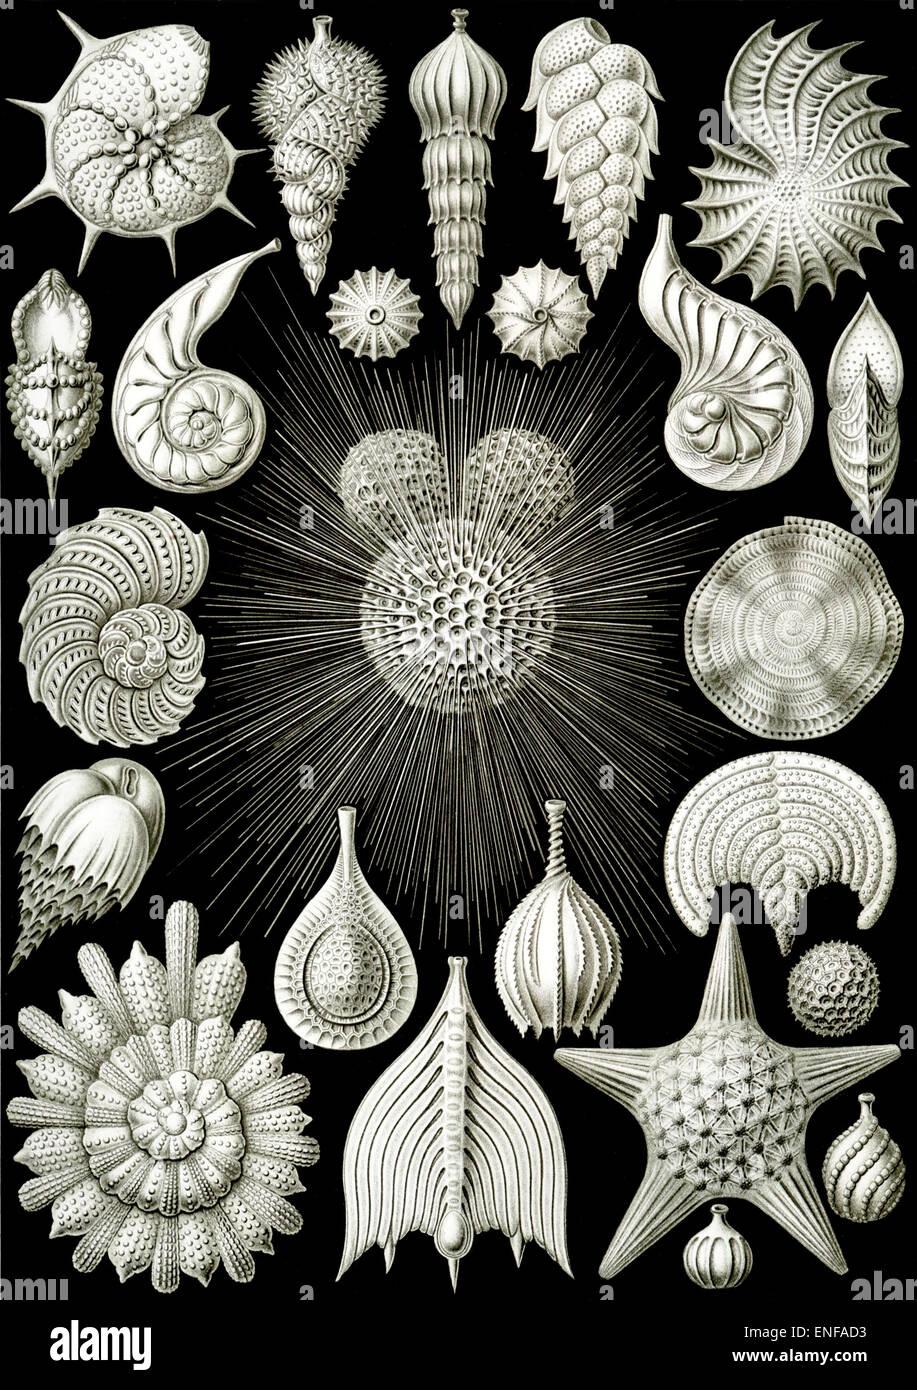 Thalamphora (plancton marin), par Ernst Haeckel, 1904 - éditorial uniquement. Banque D'Images